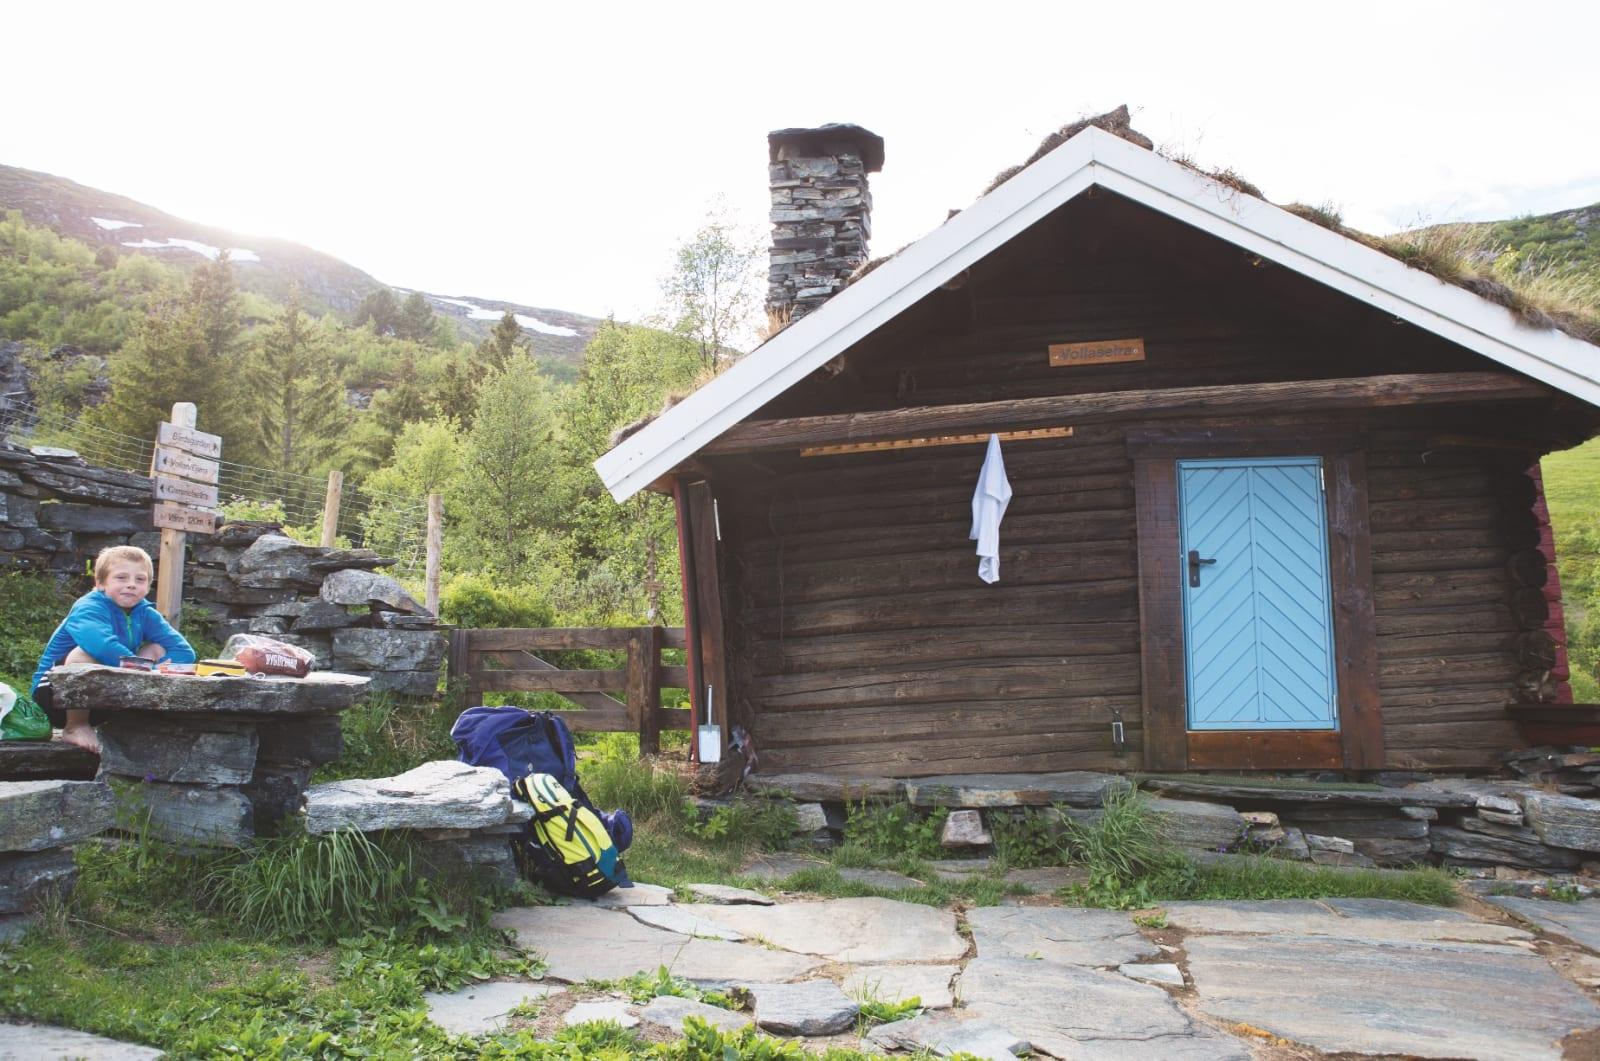 VOLLASETRA: Det er umulig å ikke kose seg på Vollasetra, den nyrestaurerte DNT-hytta man passerer på vei opp til Ekkertinden. Åtte år gamle Erlend spiser kveldsmat på verdens koseligste sted.